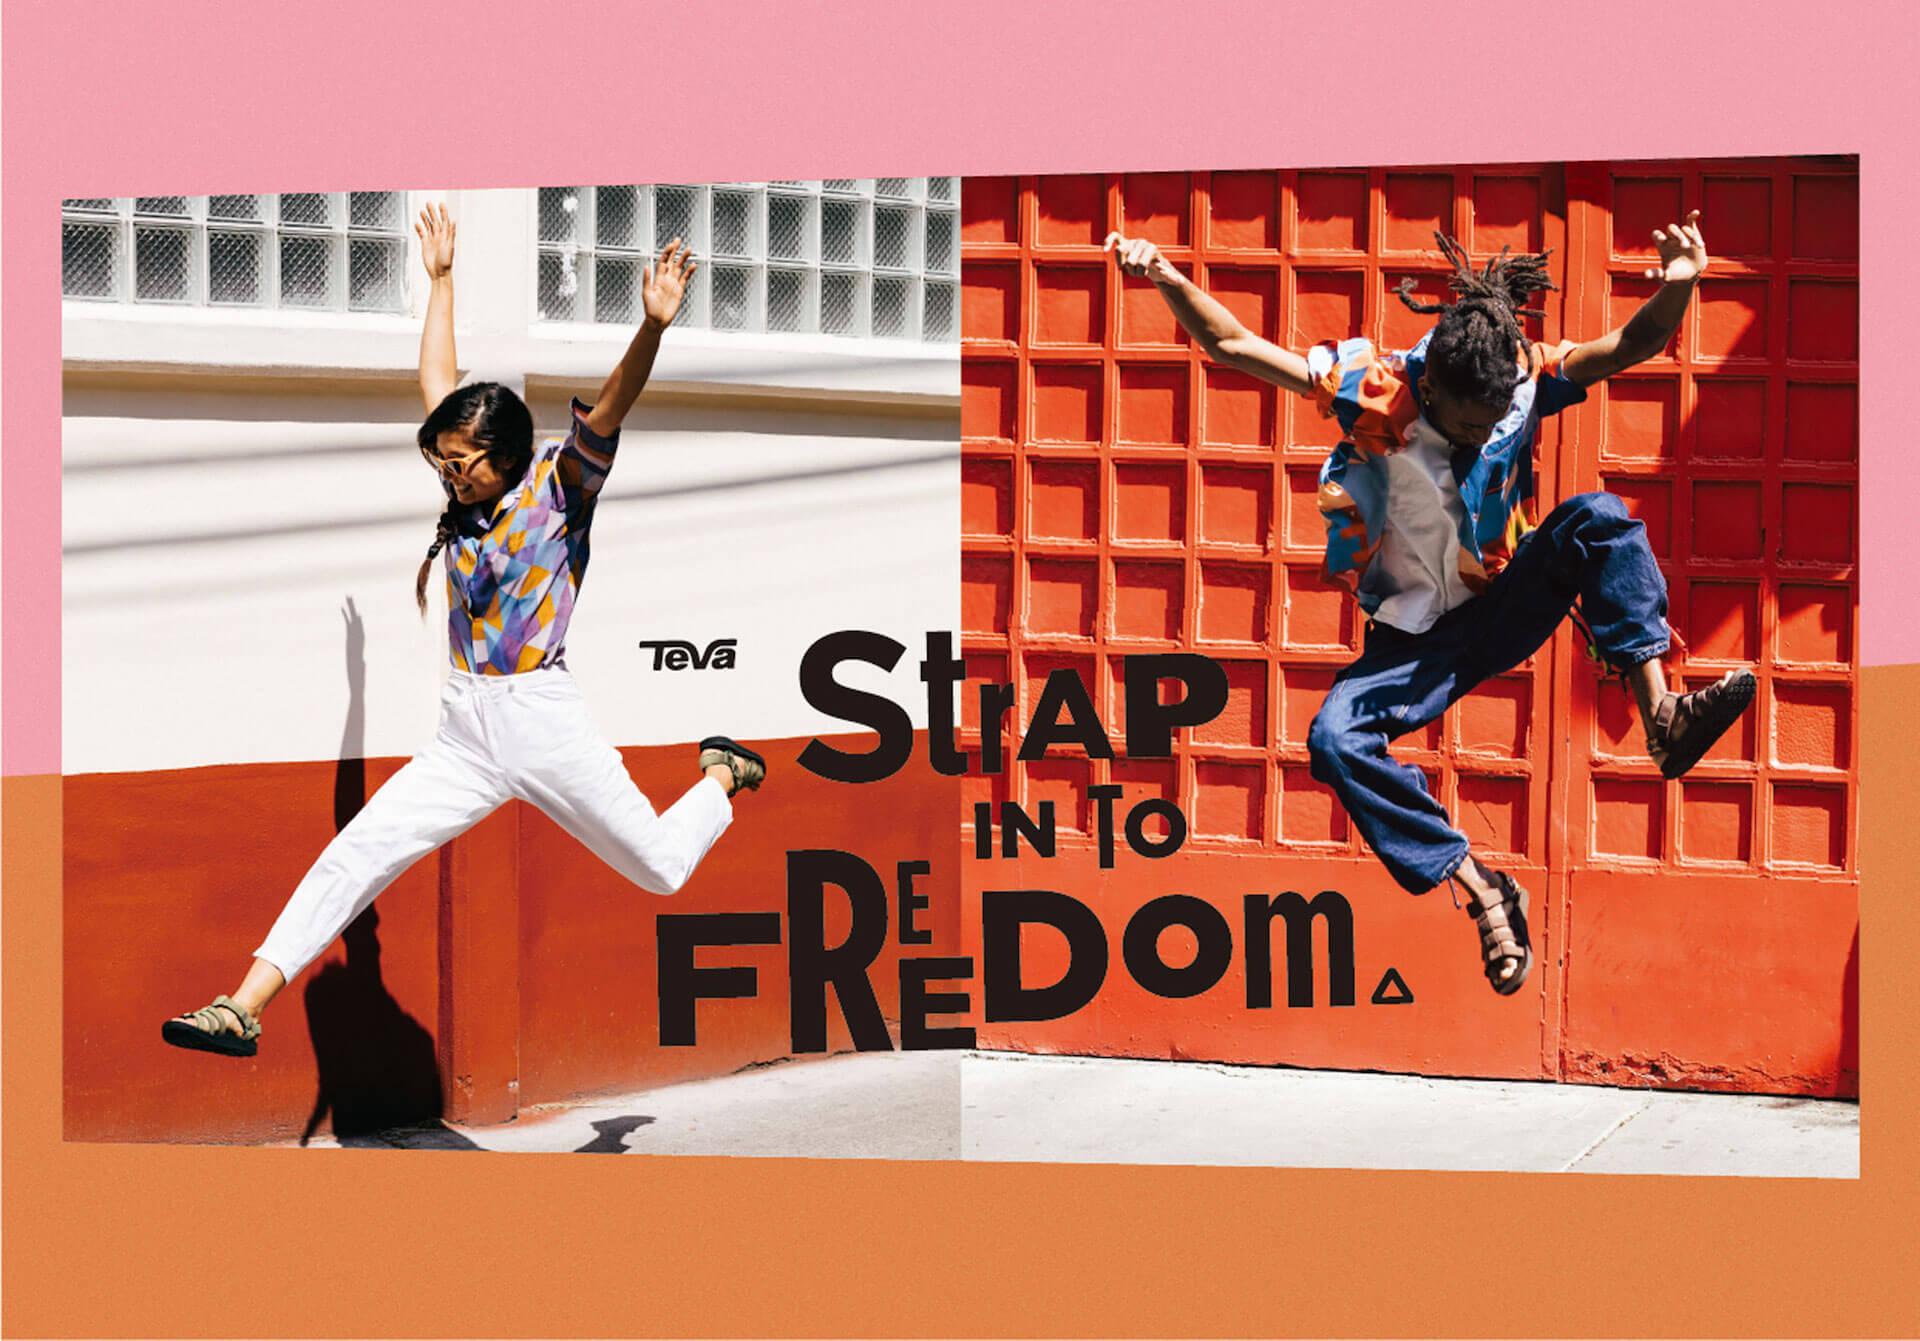 Tevaのアイテムをコーディネートした写真をInstagramに投稿して冒険の旅へ!<STRAP IN TO FREEDOM #テバと冒険>スタート life200228_teva_2